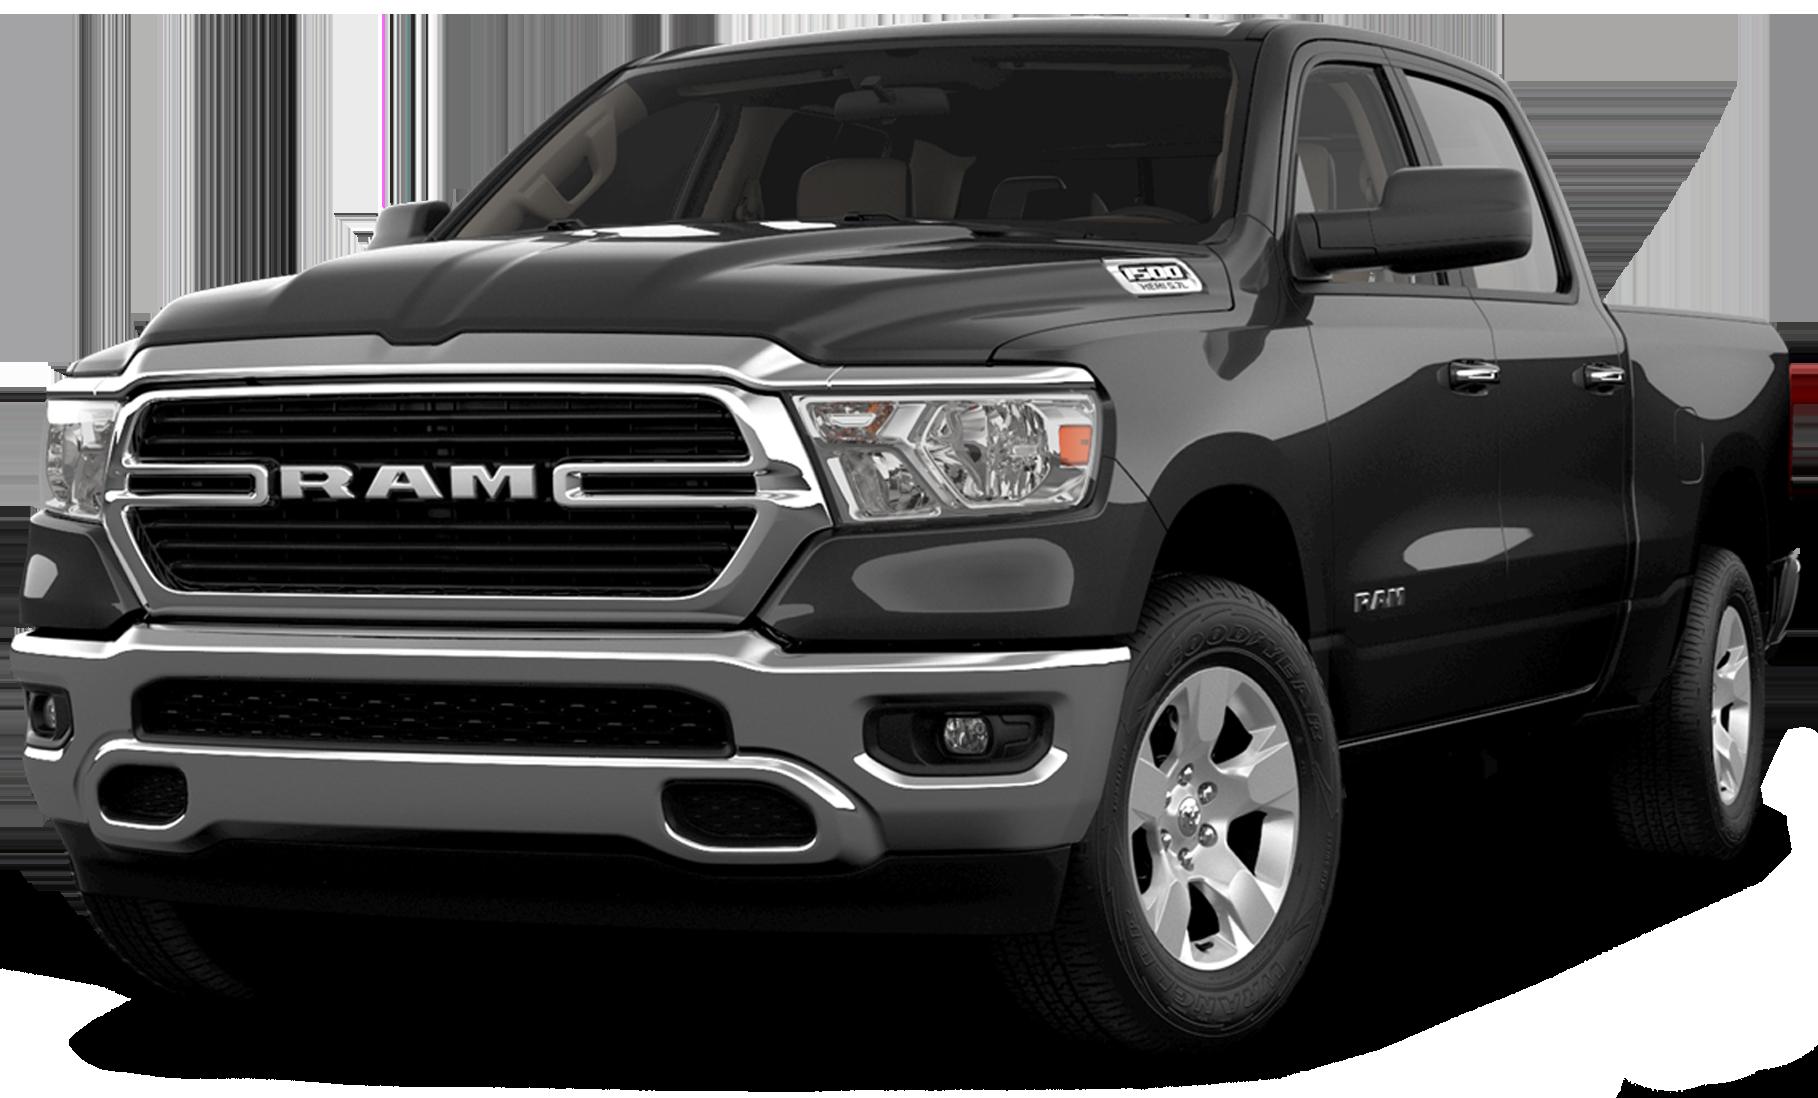 motorimport dodge ram importation voiture etats unis - Votre site occasion usa la procedure d'importation